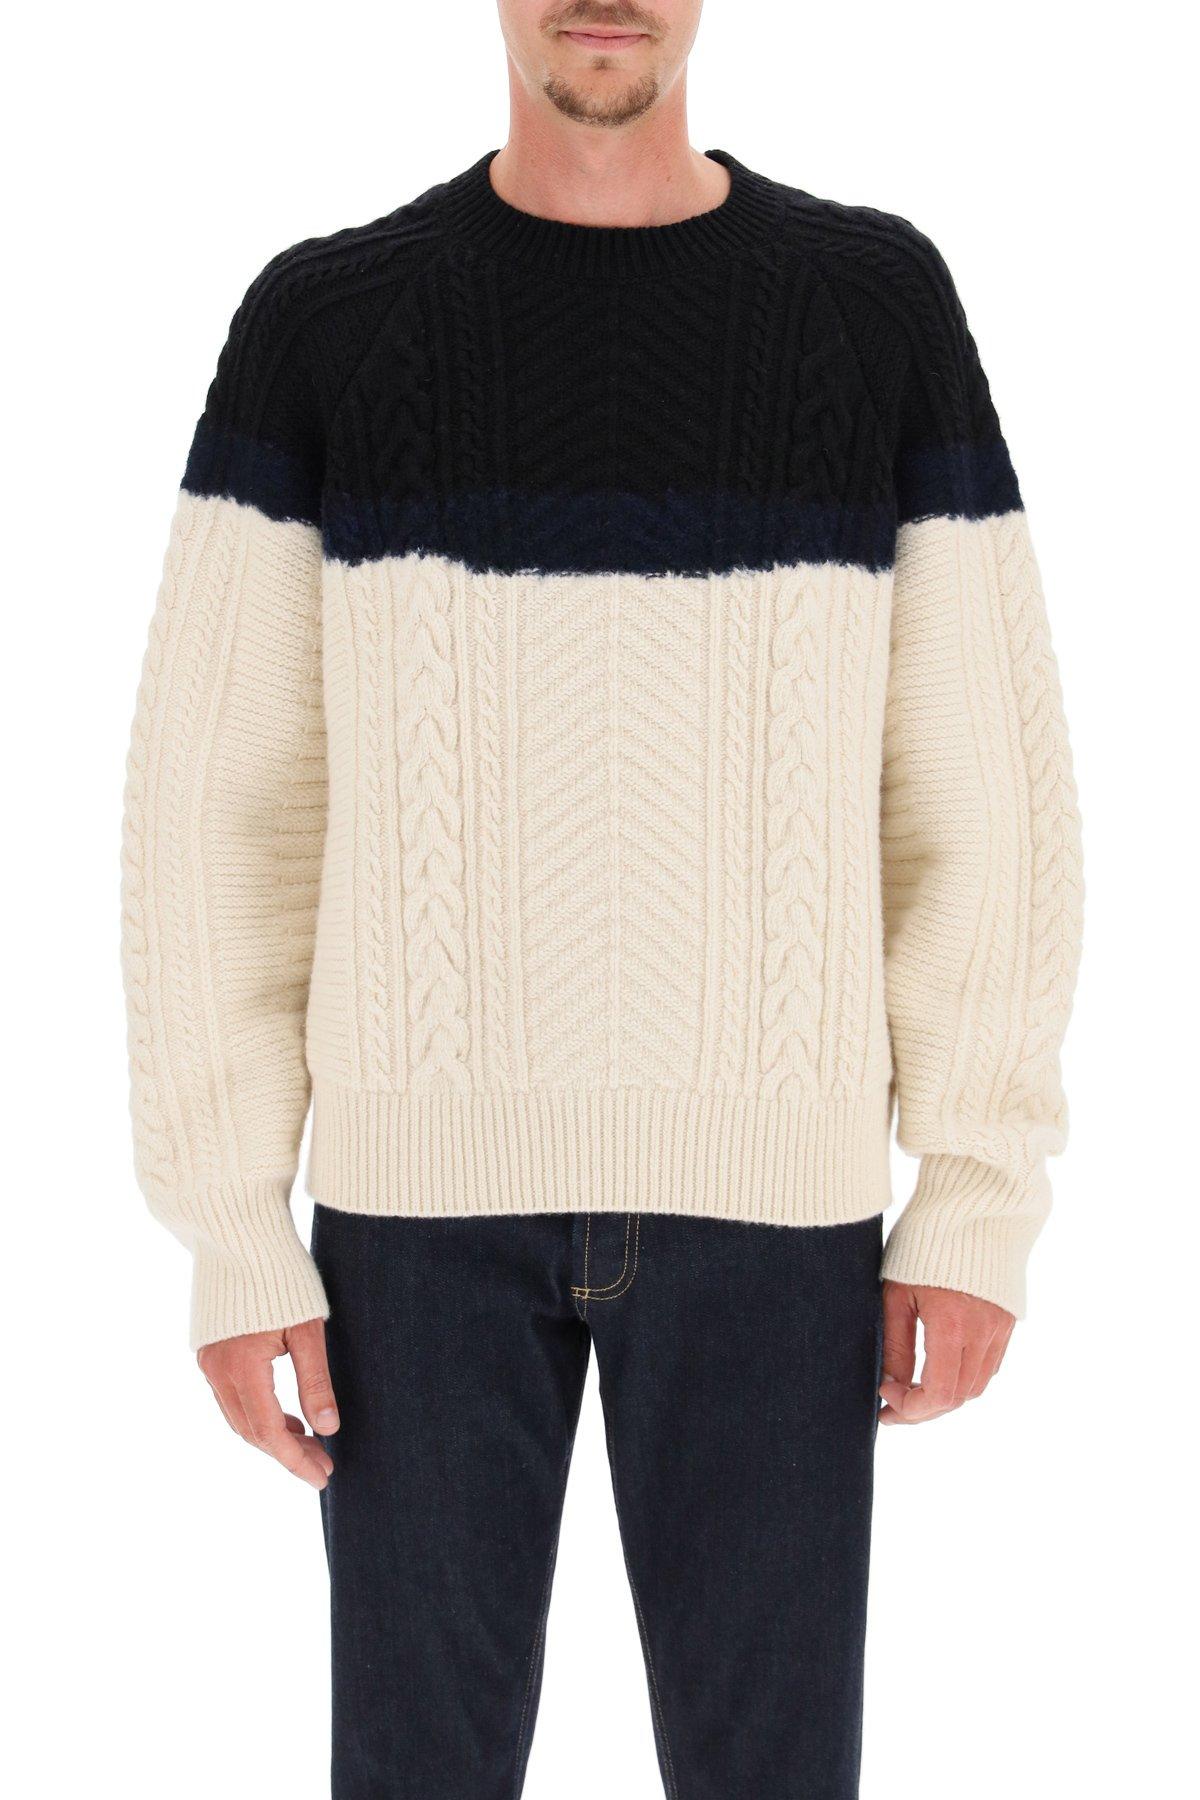 Alexander mcqueen maglione intrecciato bicolore